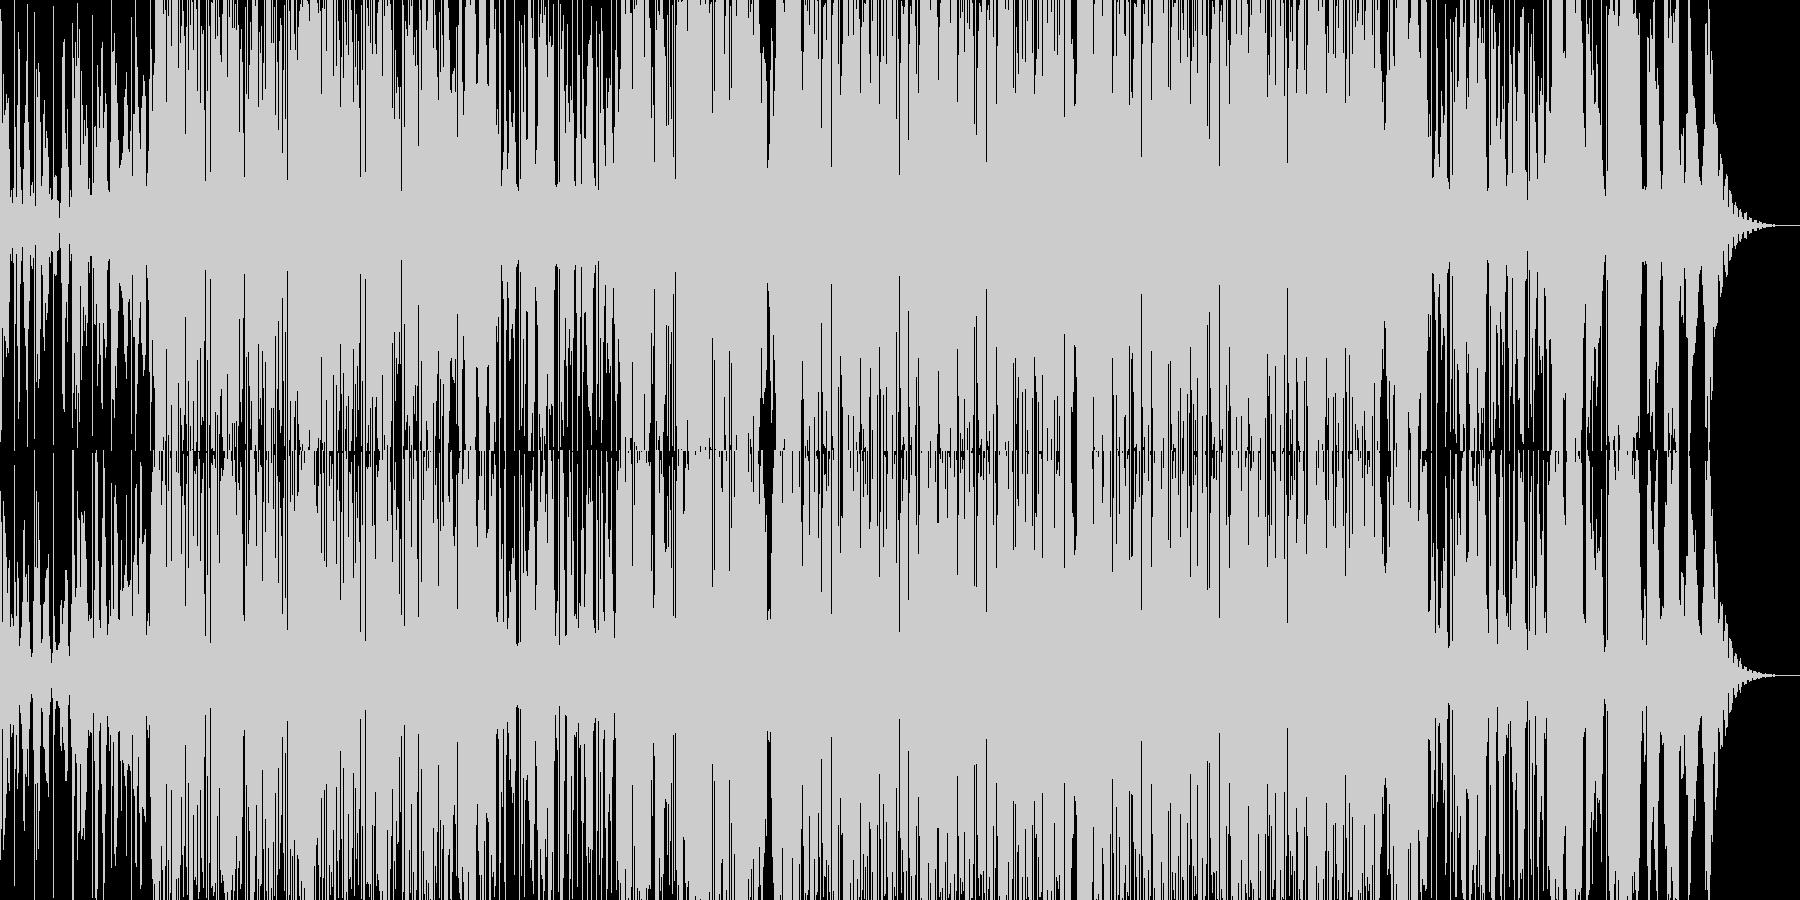 おしゃれな2step(声ネタ無し)の未再生の波形